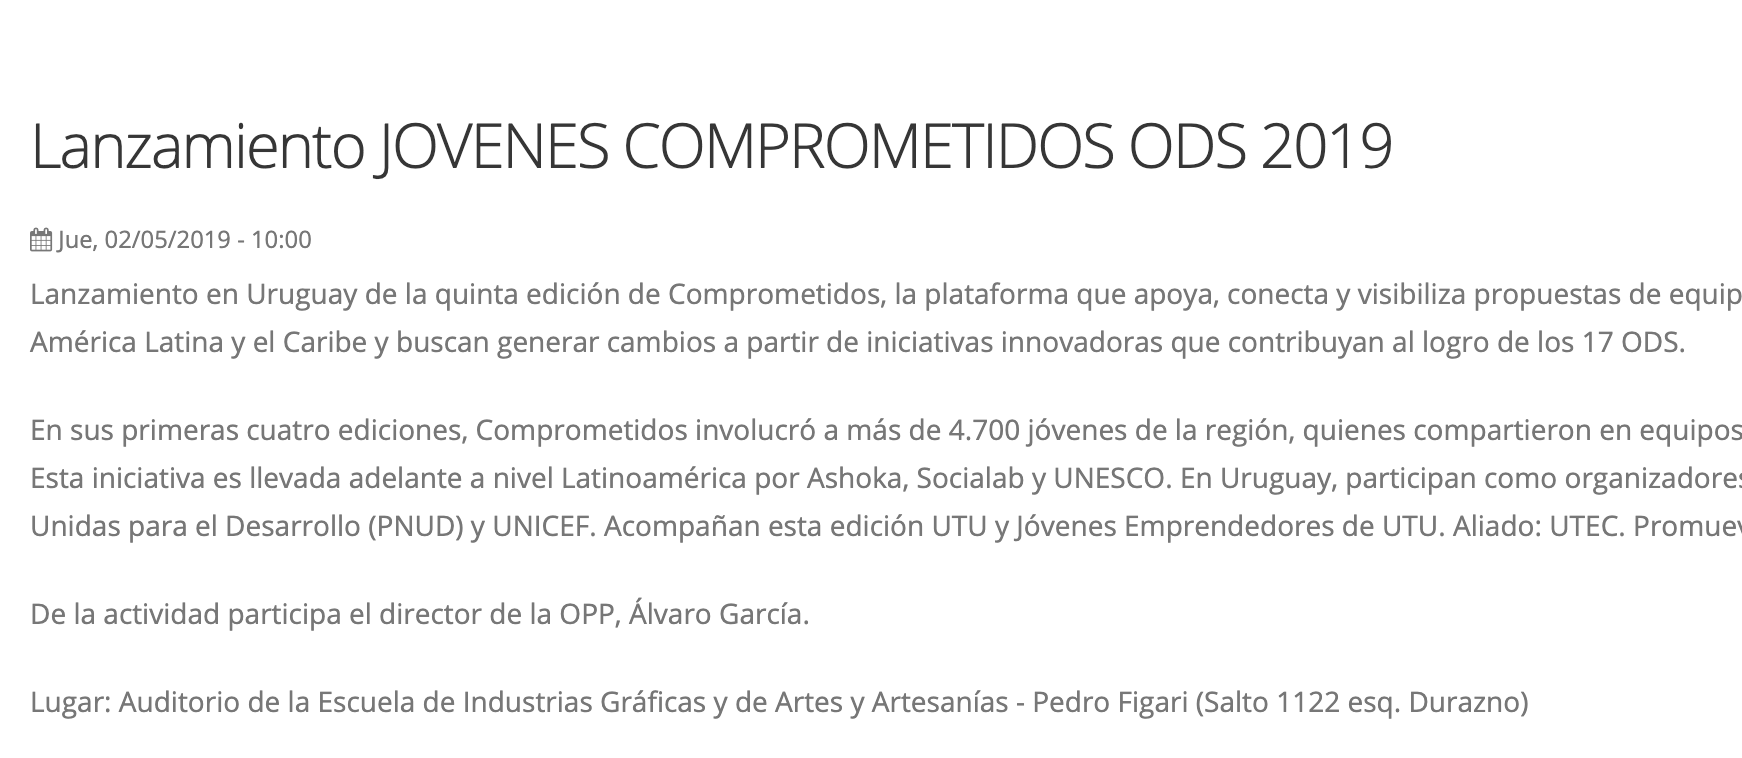 Lanzamiento JOVENES COMPROMETIDOS ODS 2019 -